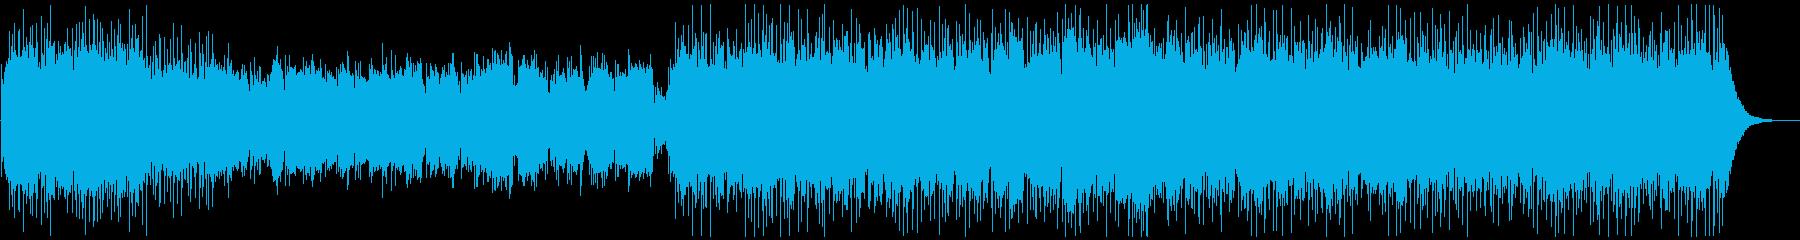 生バイオリン・アコギ・ピアノの綺麗な曲の再生済みの波形